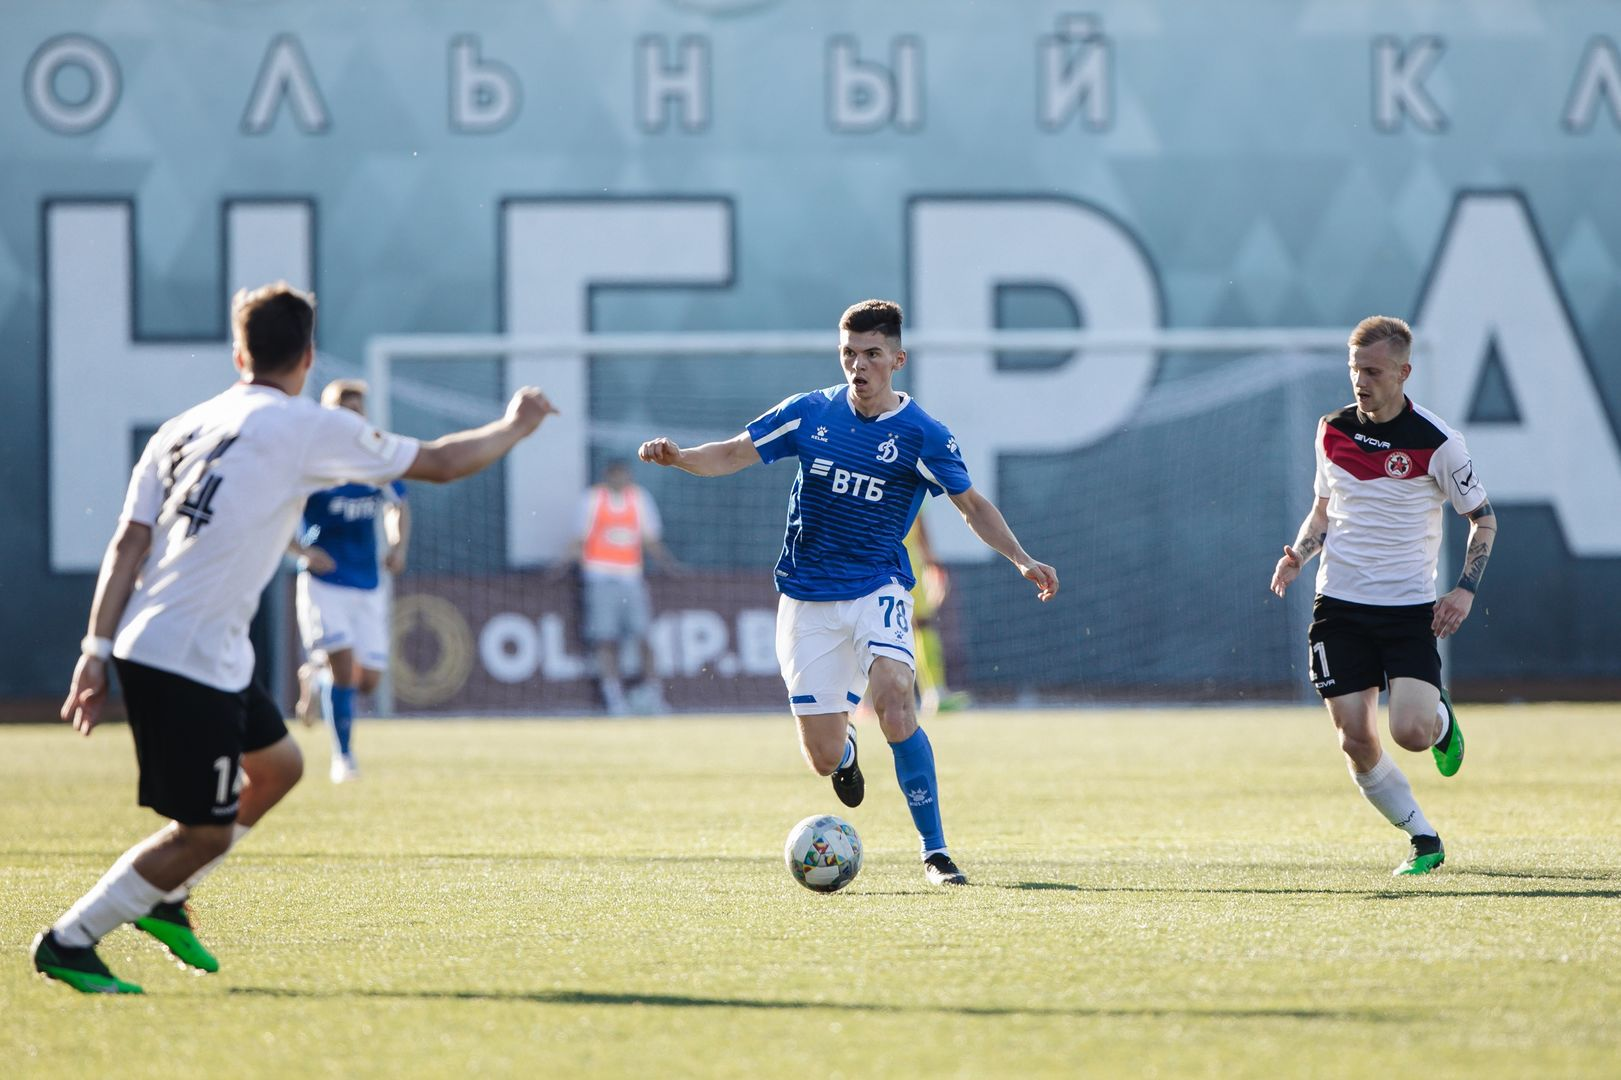 «Динамо-2» и «Звезда» сыграли вничью в Санкт-Петербурге